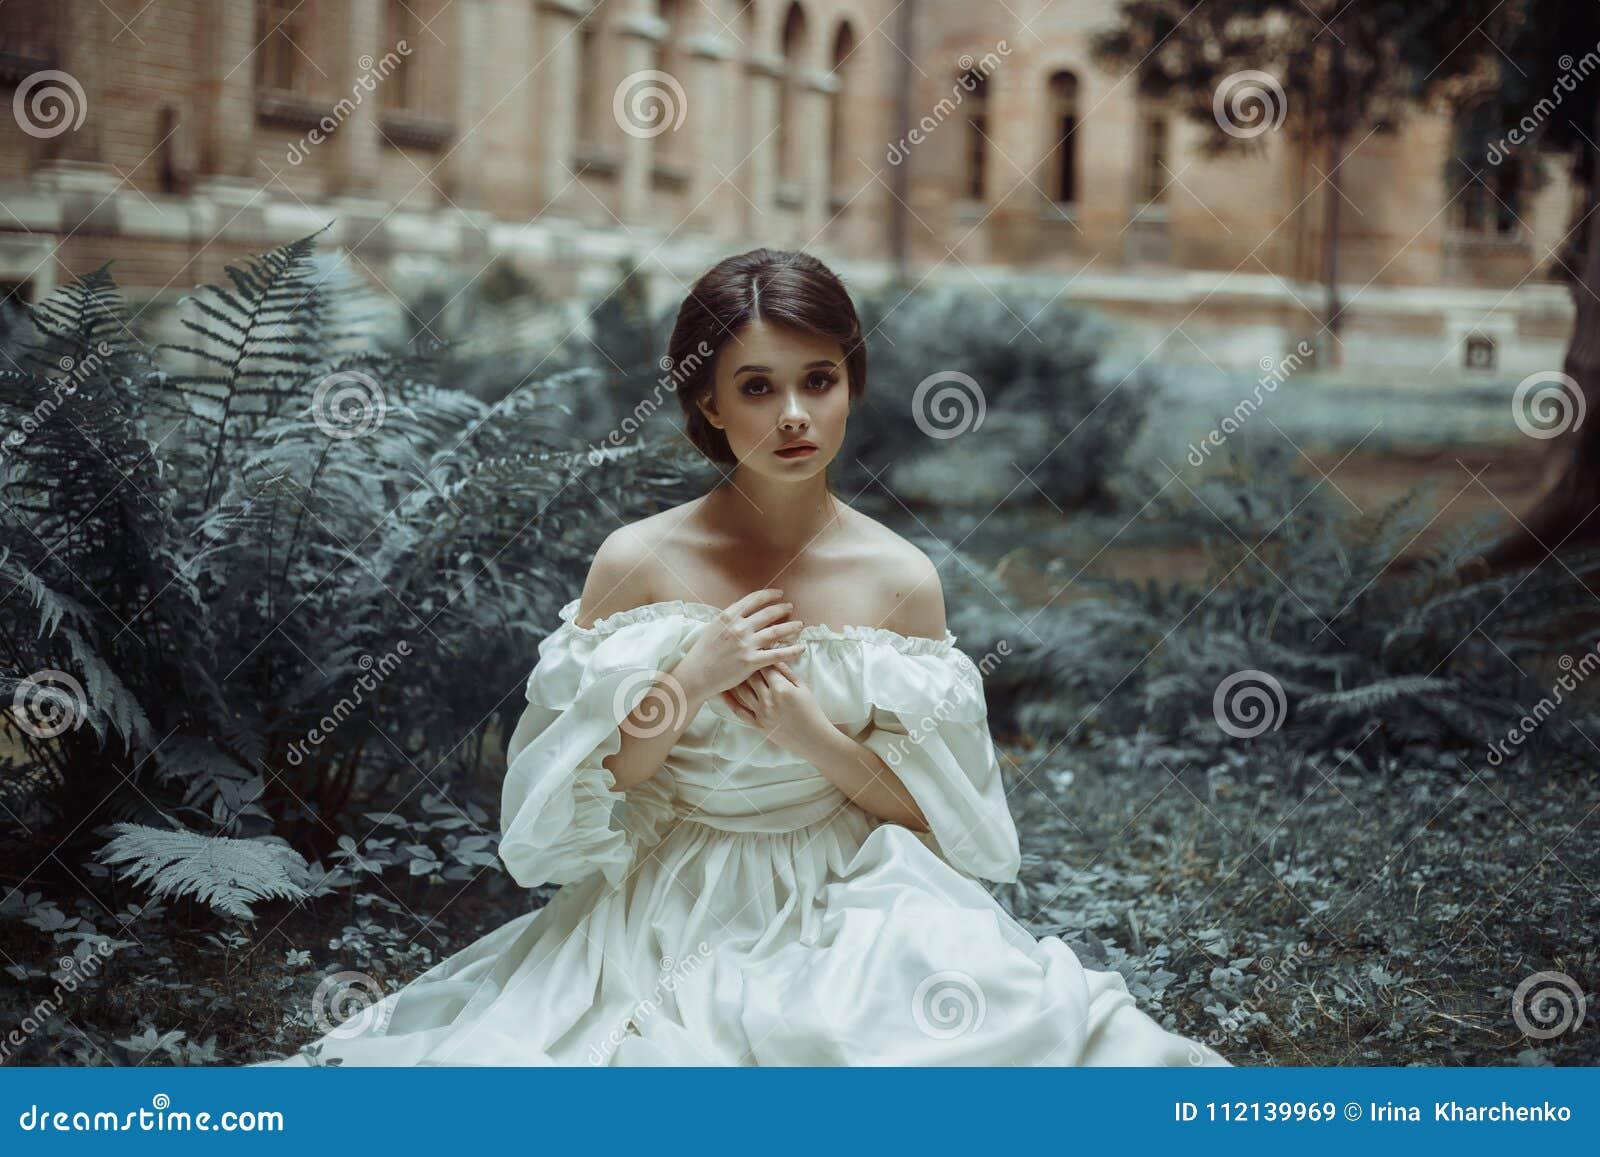 Een ongelooflijk mooie prinses zit in de kasteeltuin amid de varen en het mos Een mooi, bang gemaakt gezicht Grote droevig